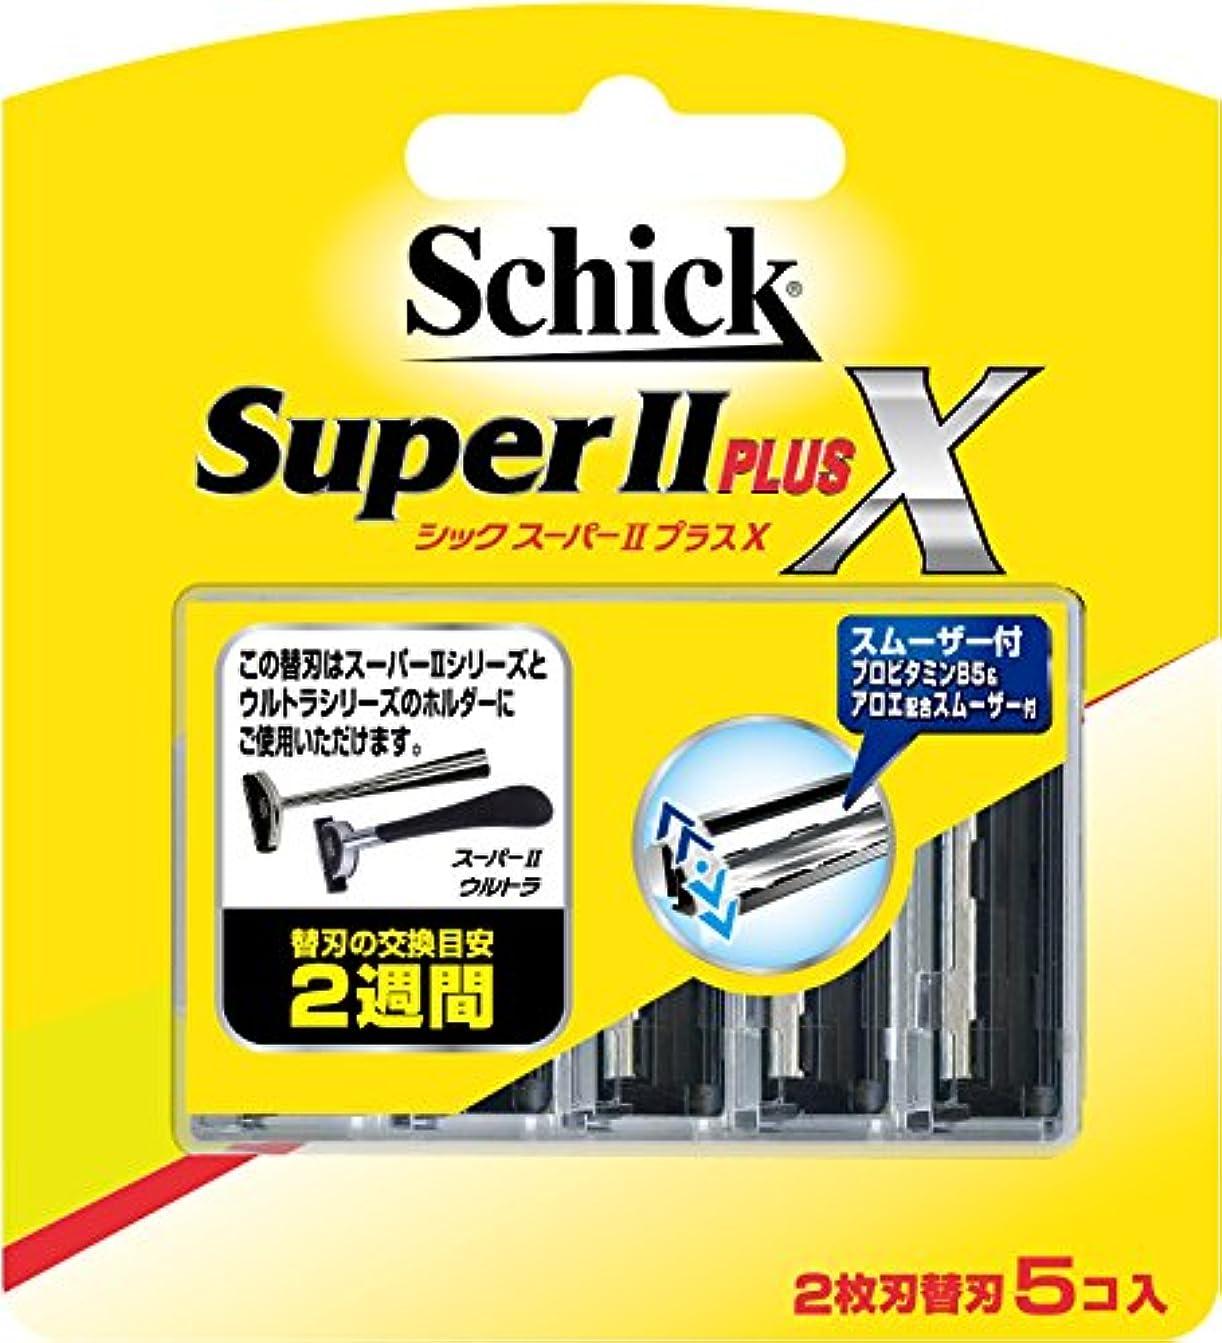 ゆりトピックストライクシック Schick スーパーII プラスX 2枚刃 替刃 5コ入